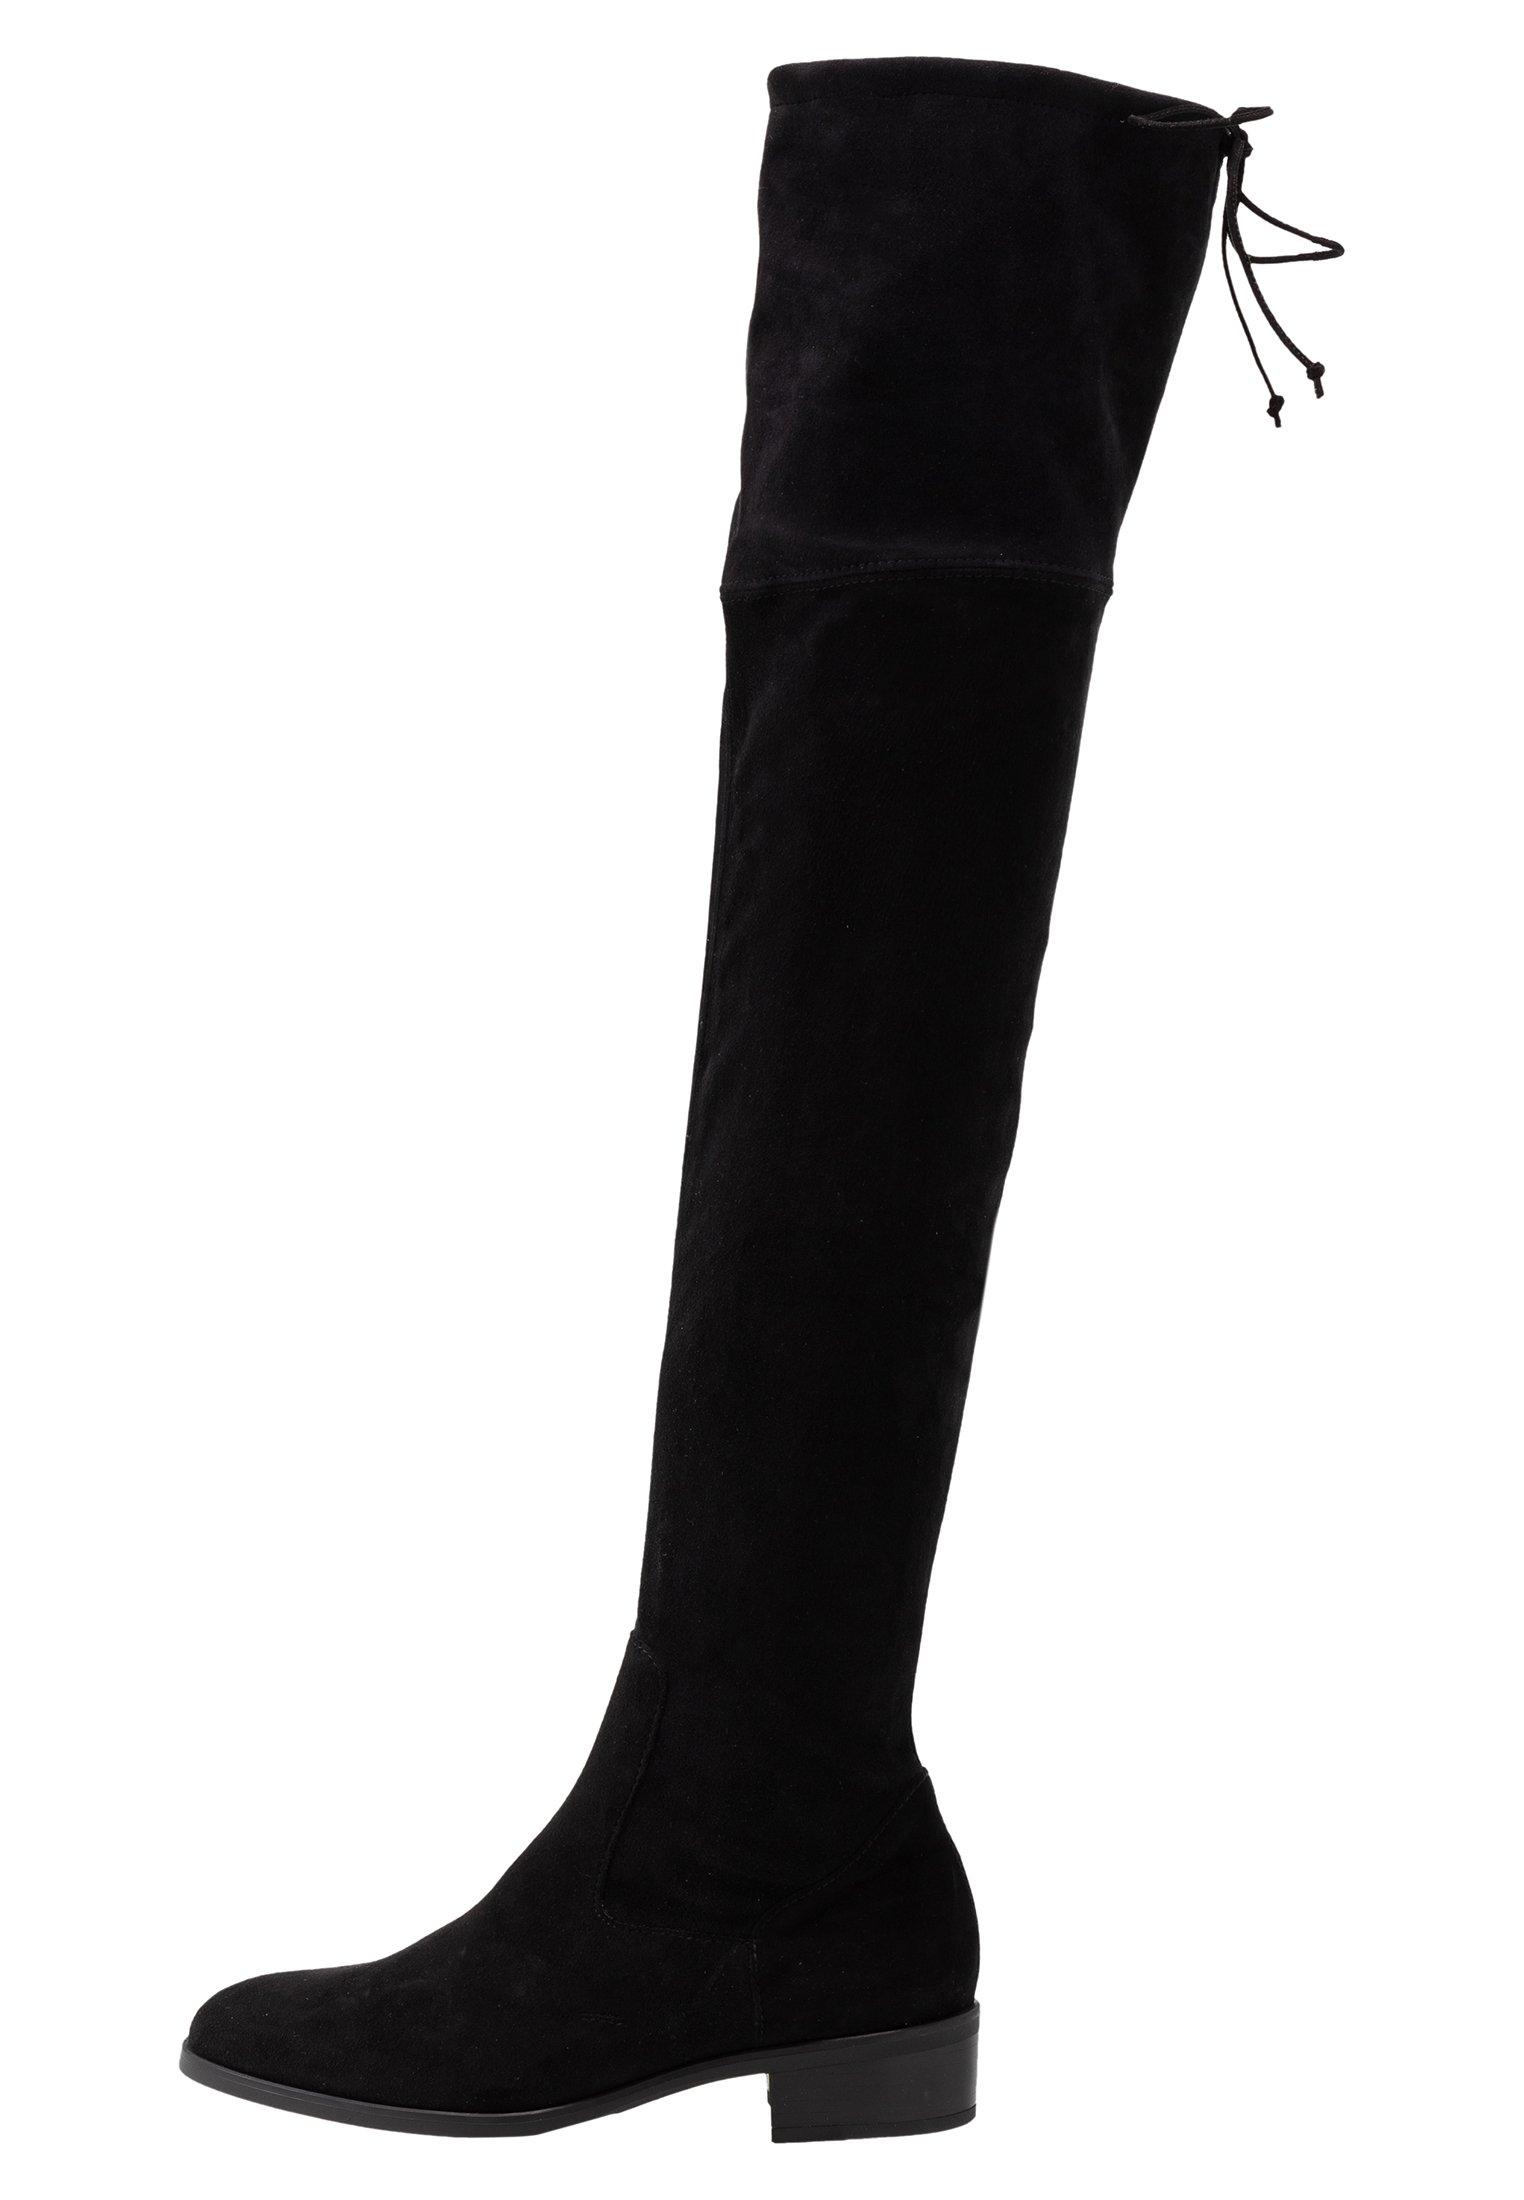 PESA Overkneeskor schwarz